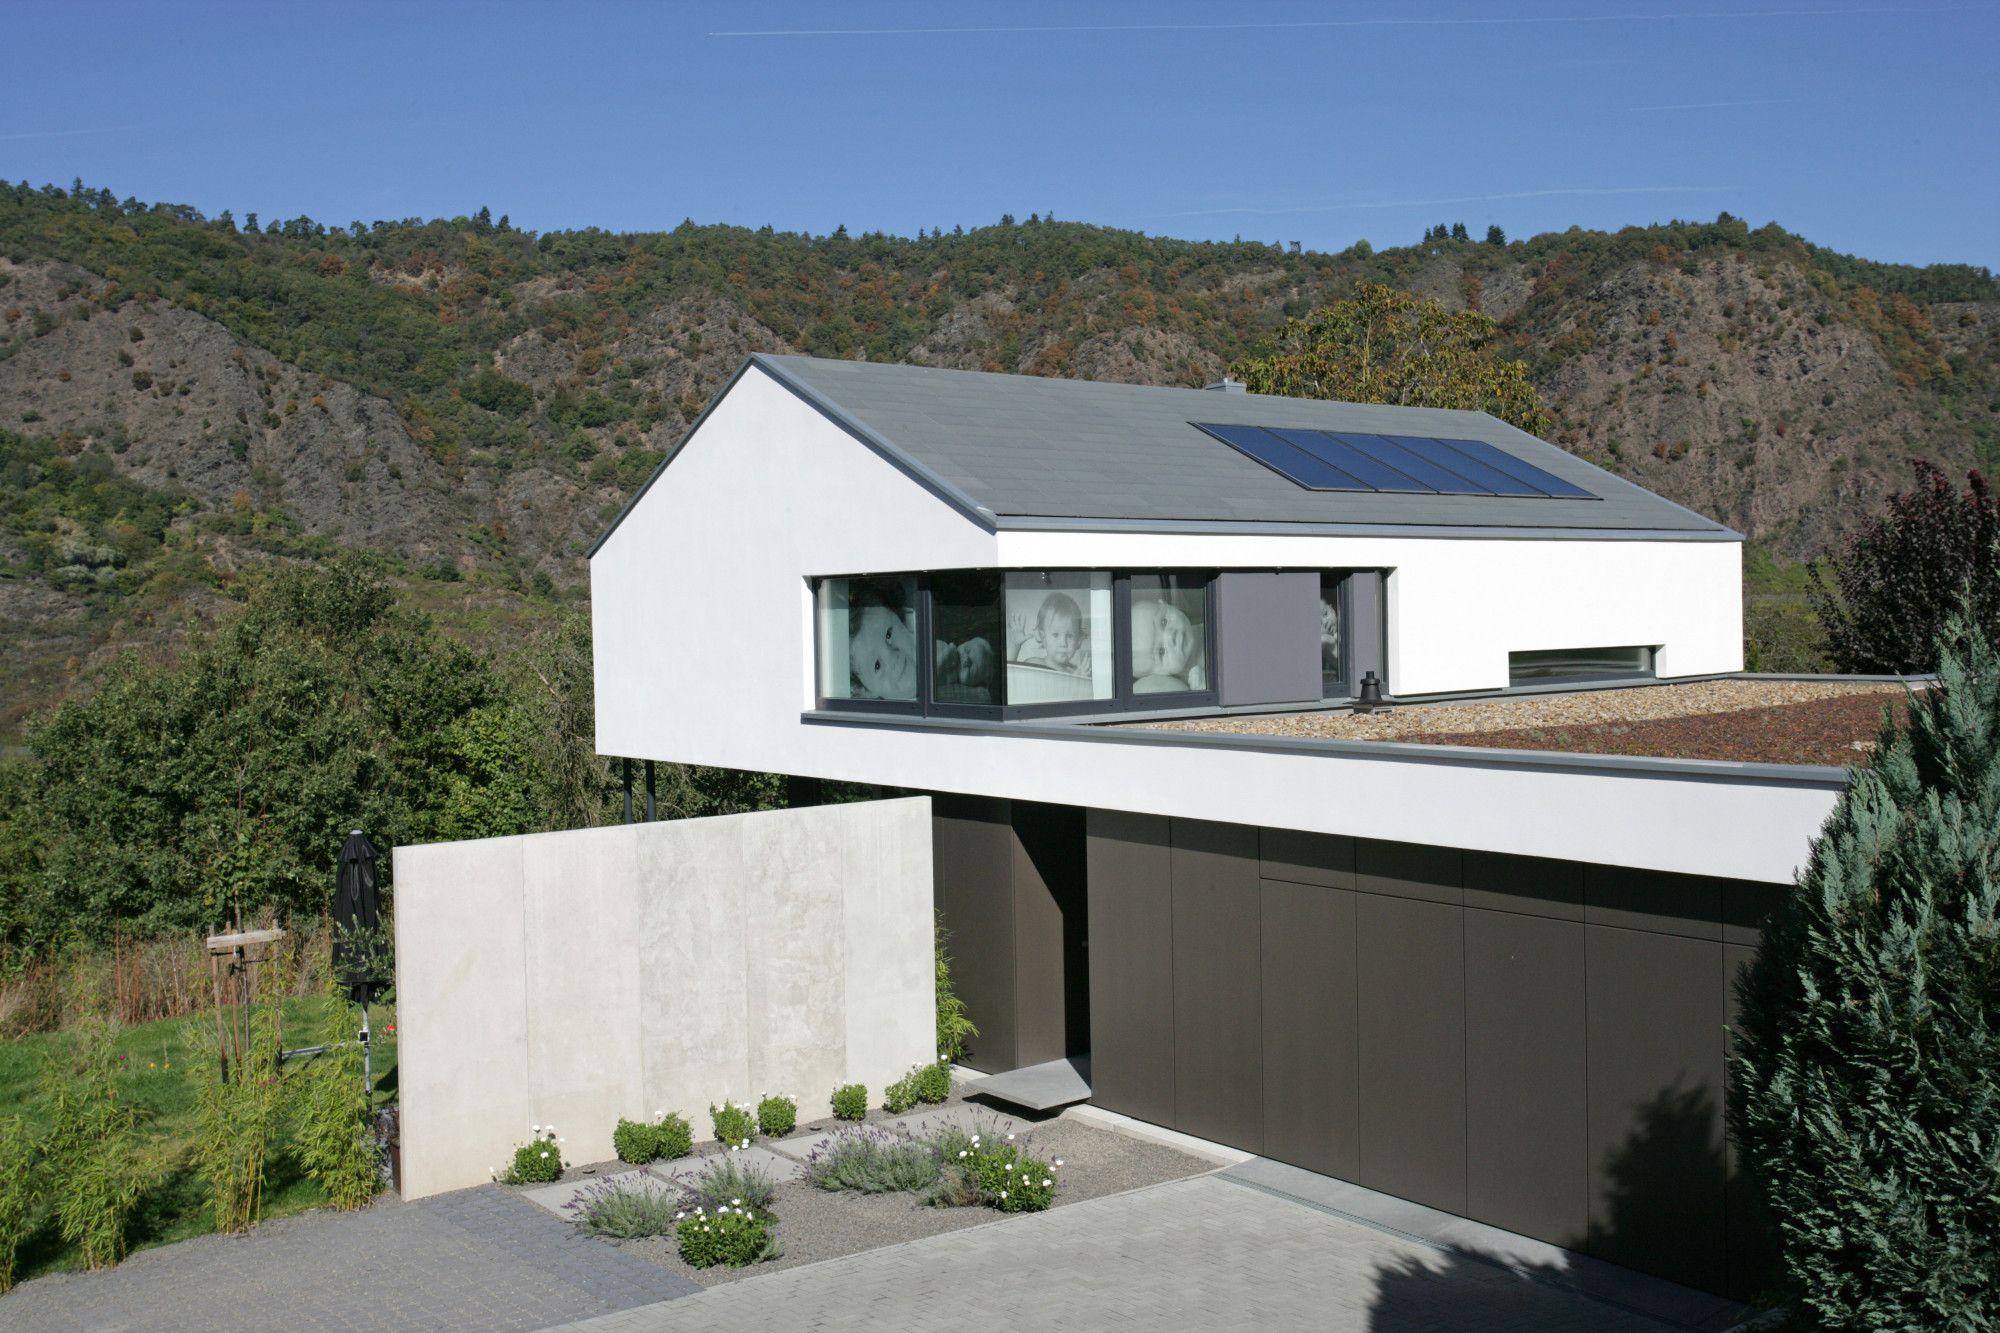 Rathscheck schiefer kleine häuser schieferdach satteldach modern dachziegel moderne häuser wohnhaus einfamilienhaus architektur